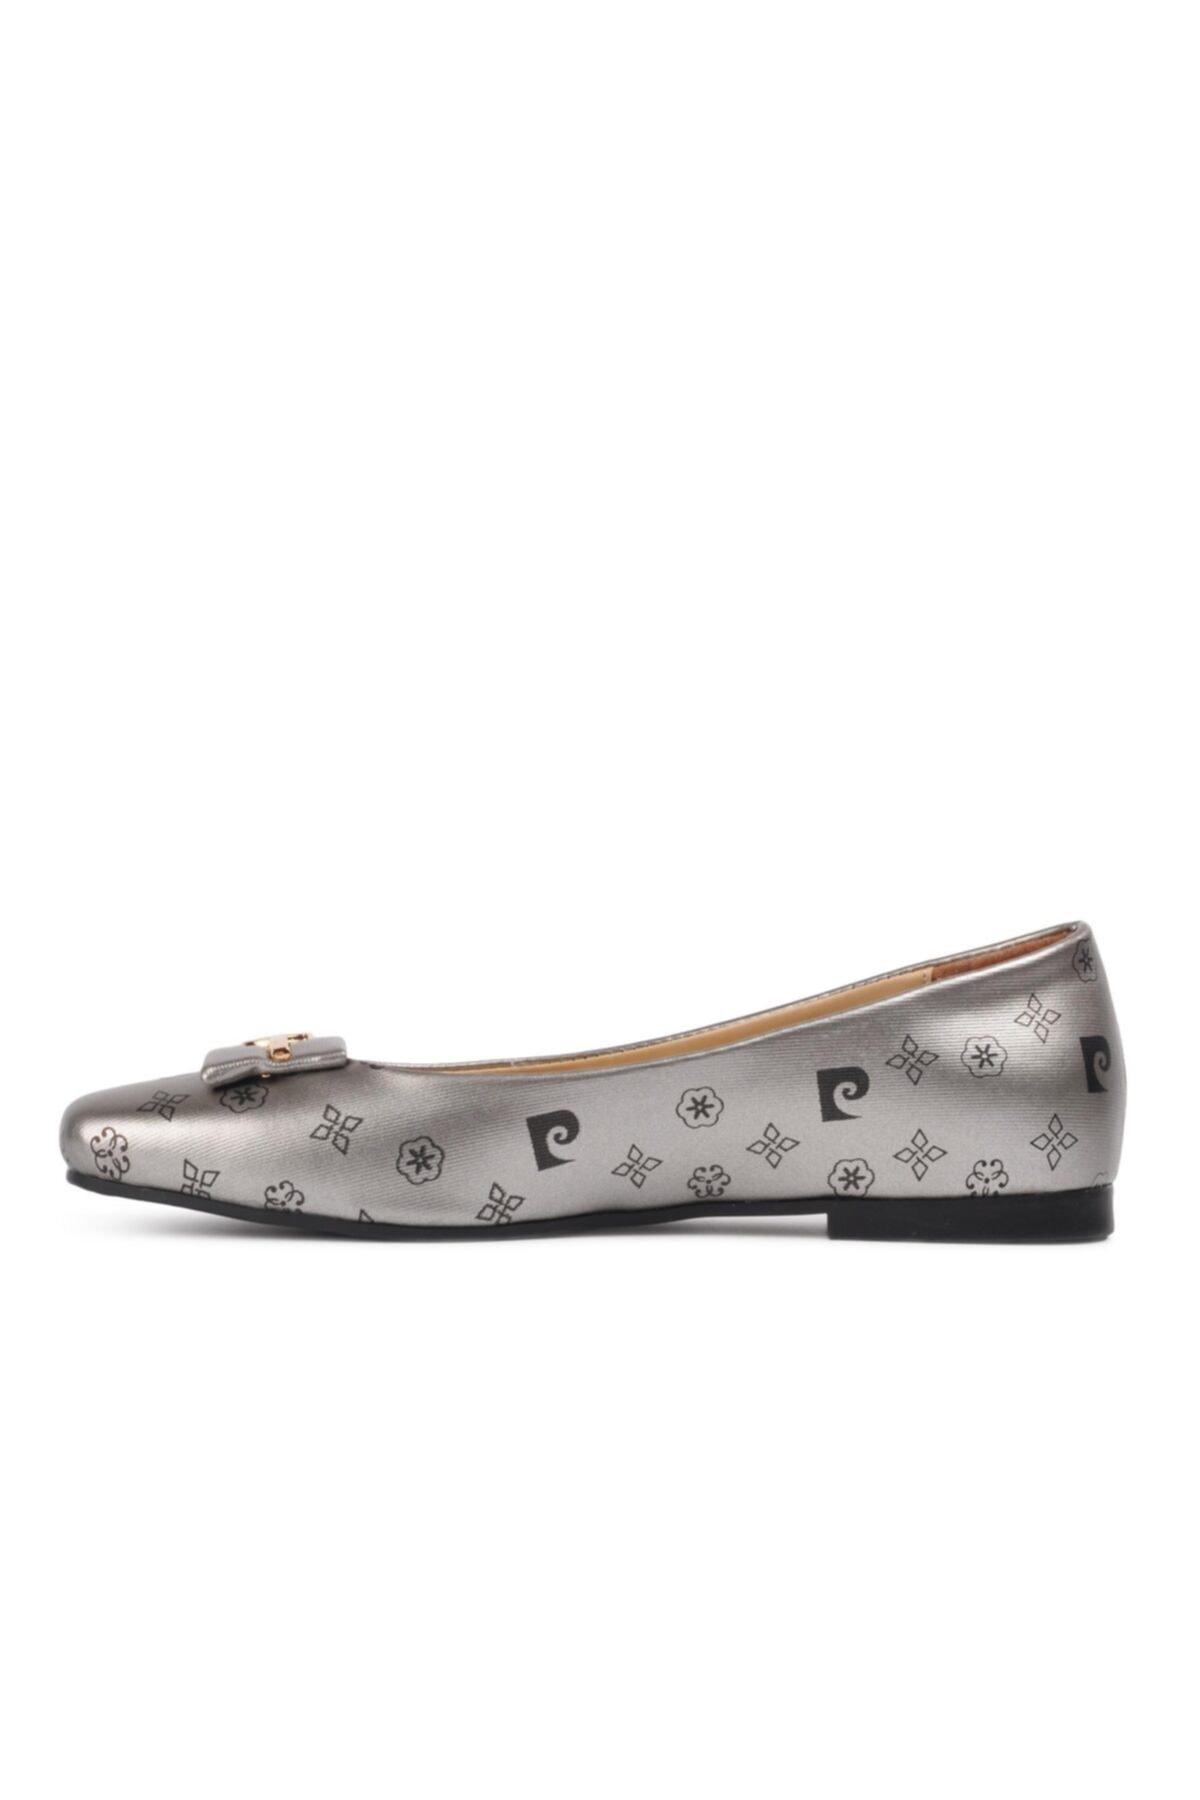 Pierre Cardin Kadın Günlük Ayakkabı 2